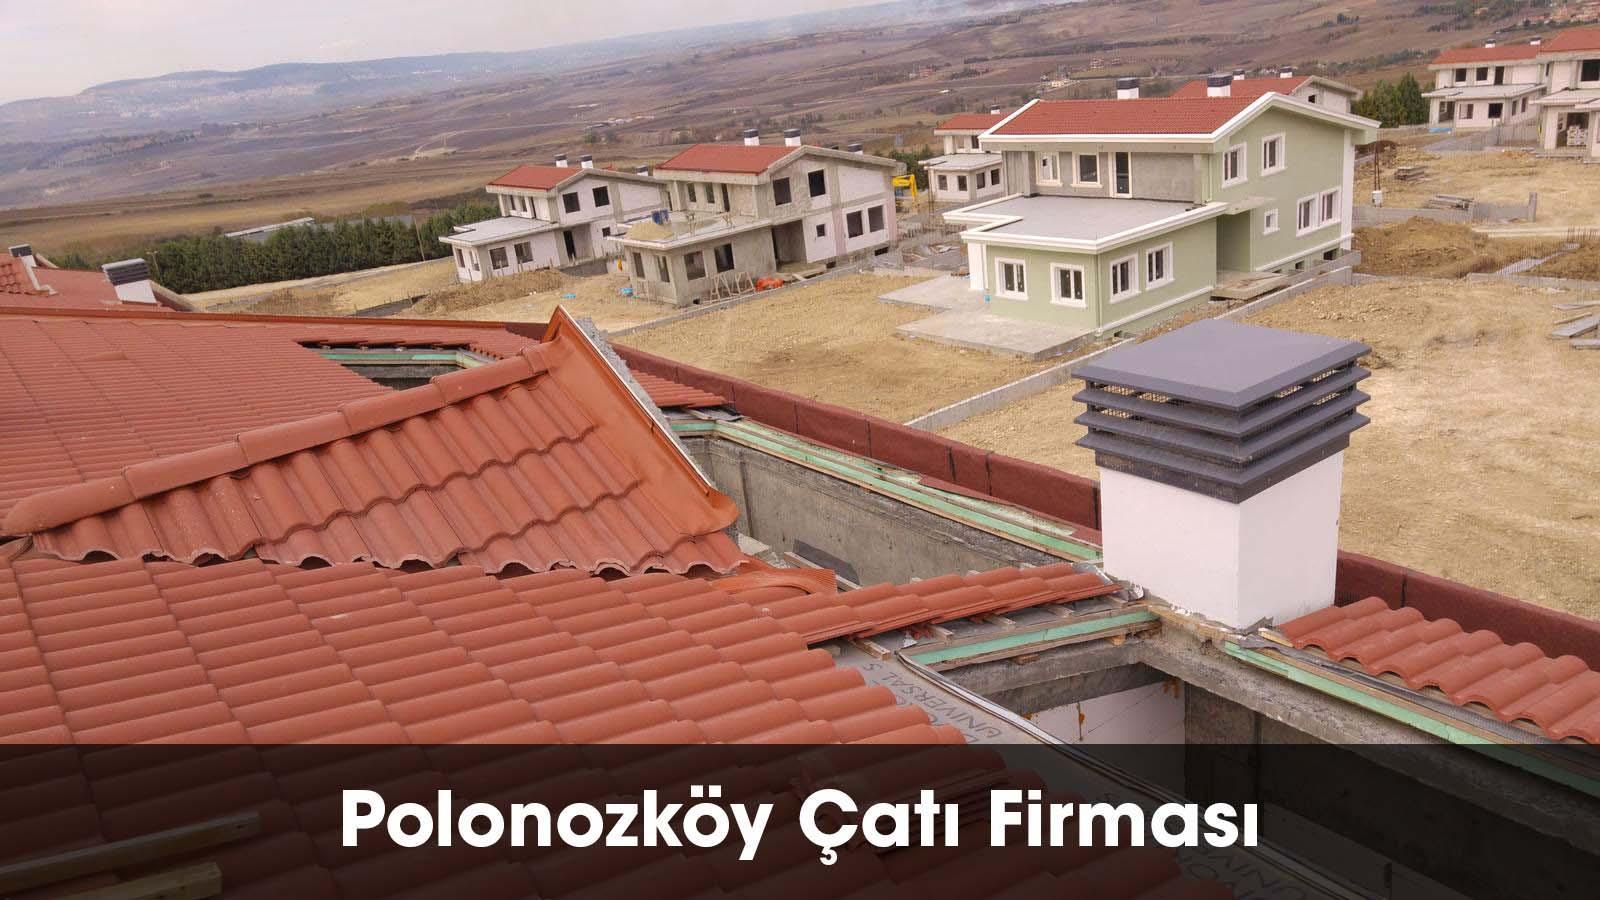 Polonozköy çatı firması